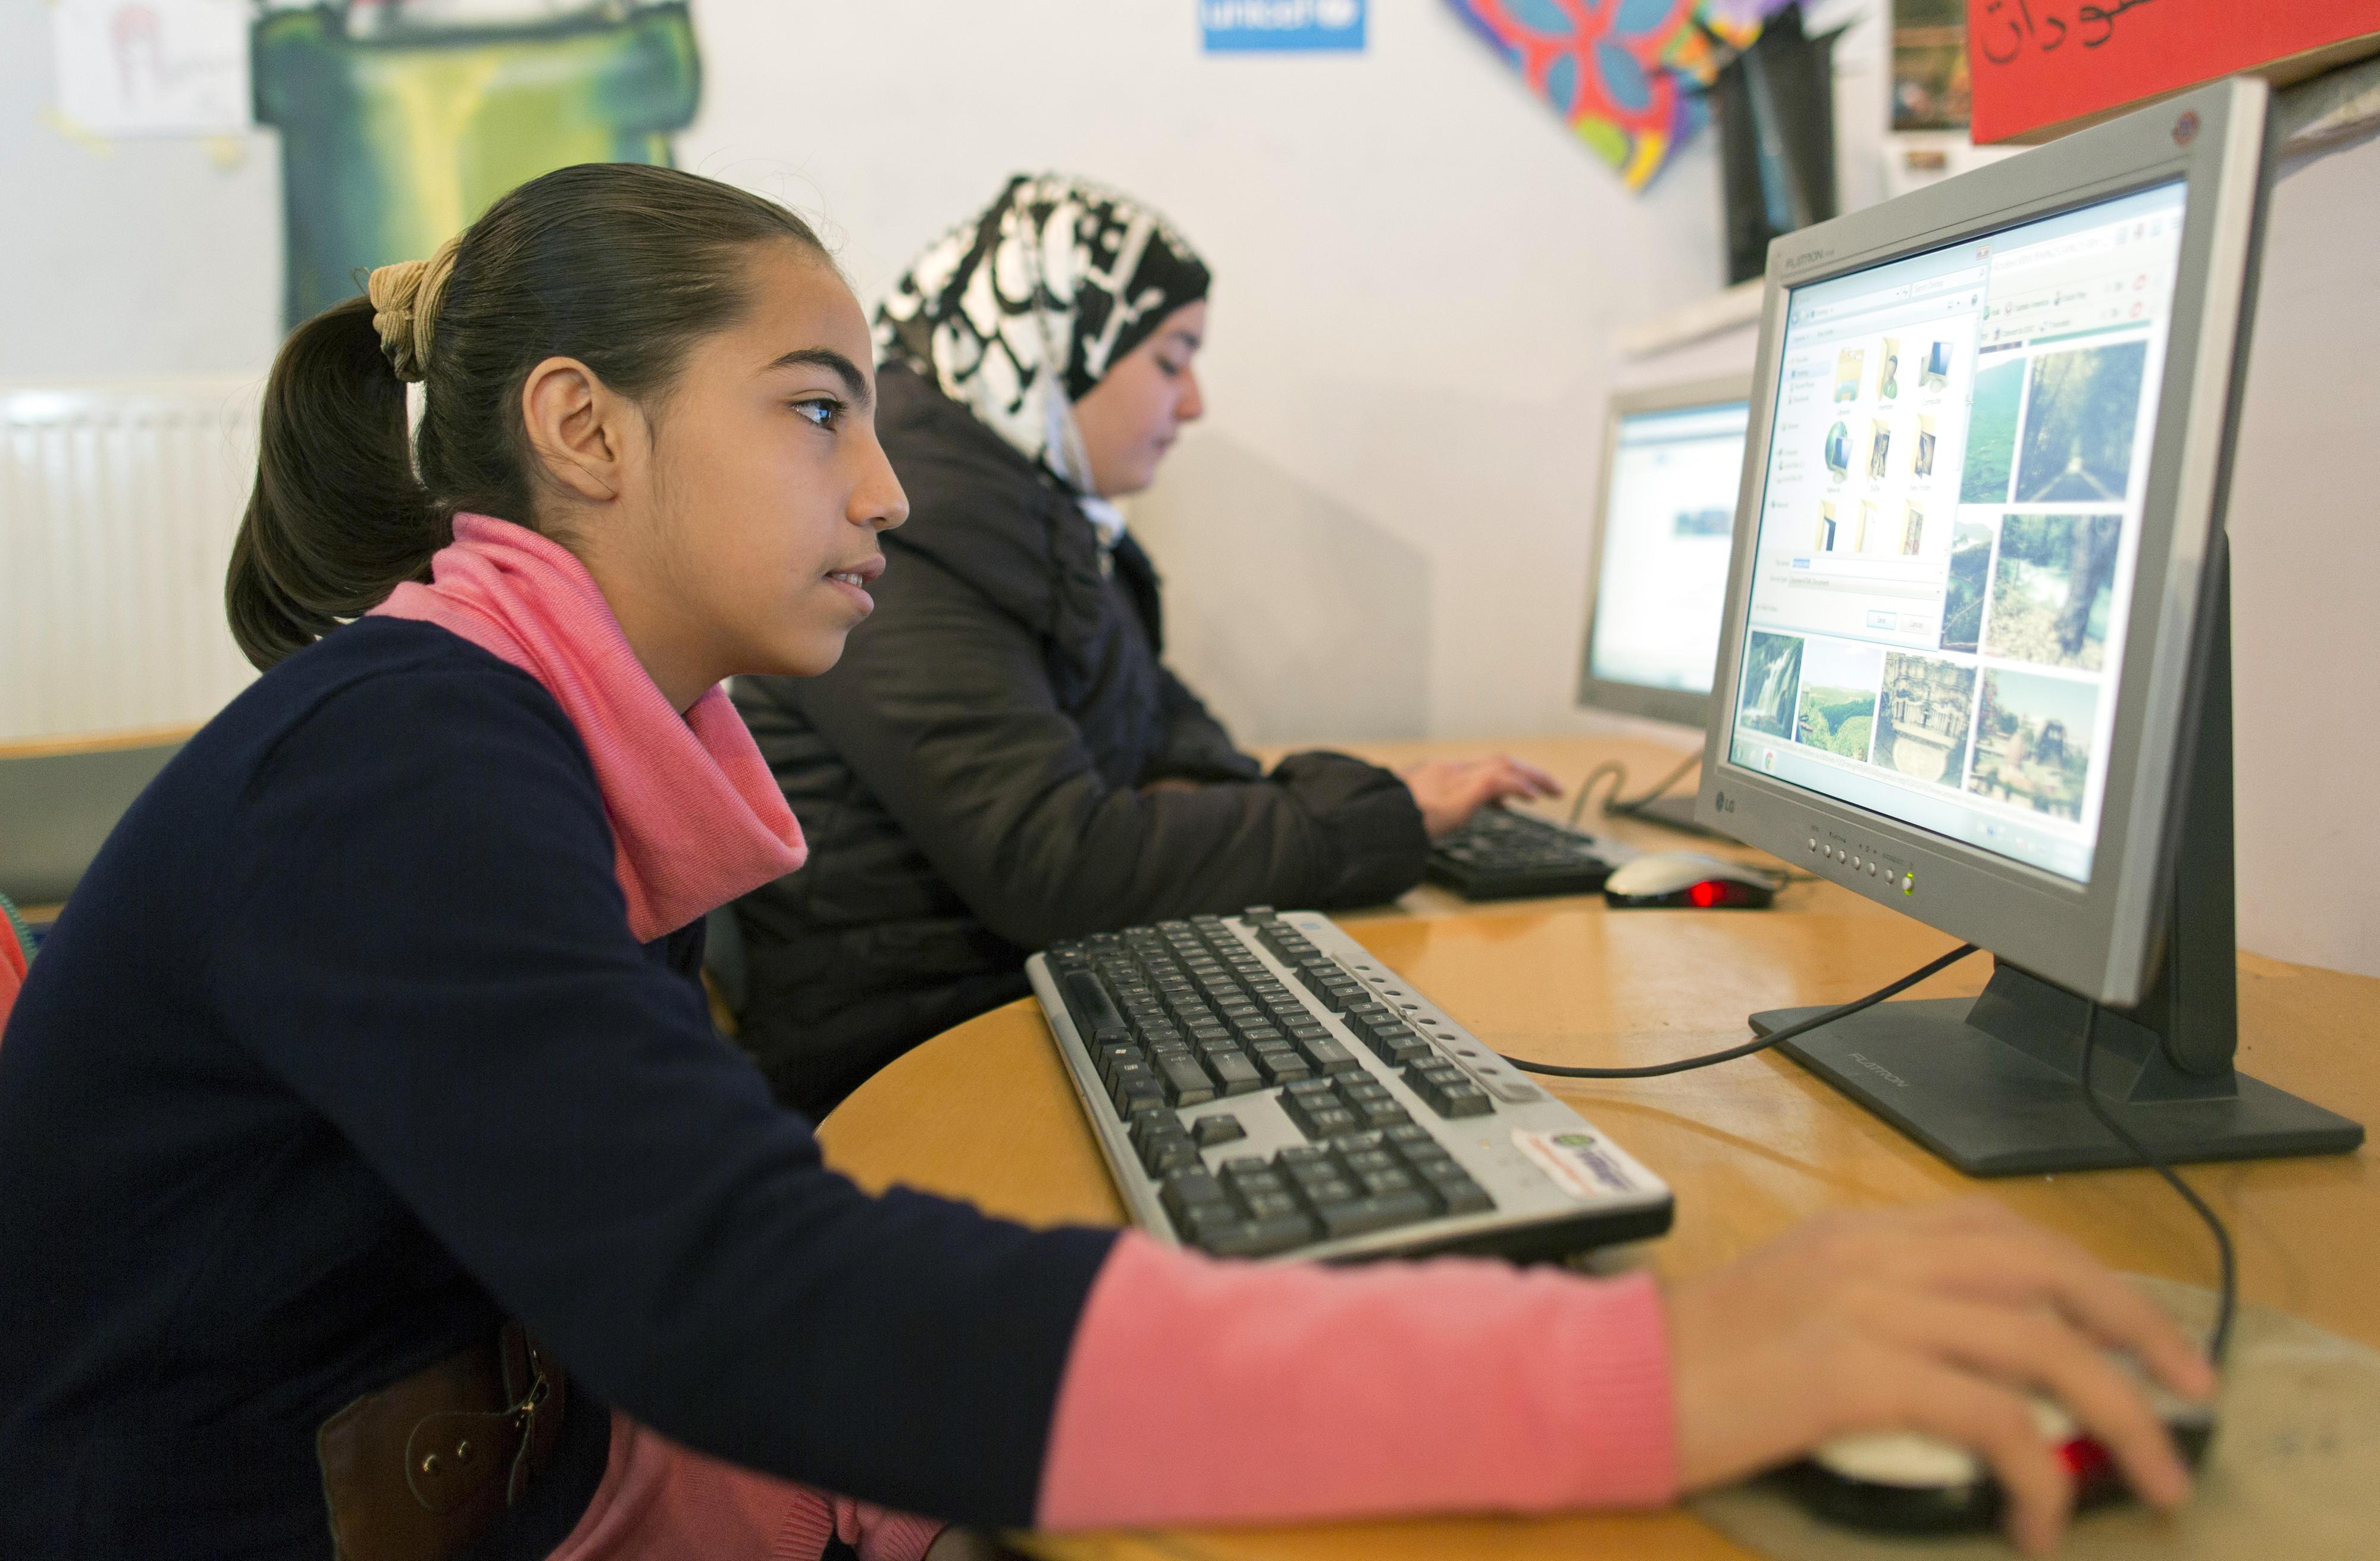 Ein Mädchen in dem Land Jordanien schaut sich Bilder im Internet an.